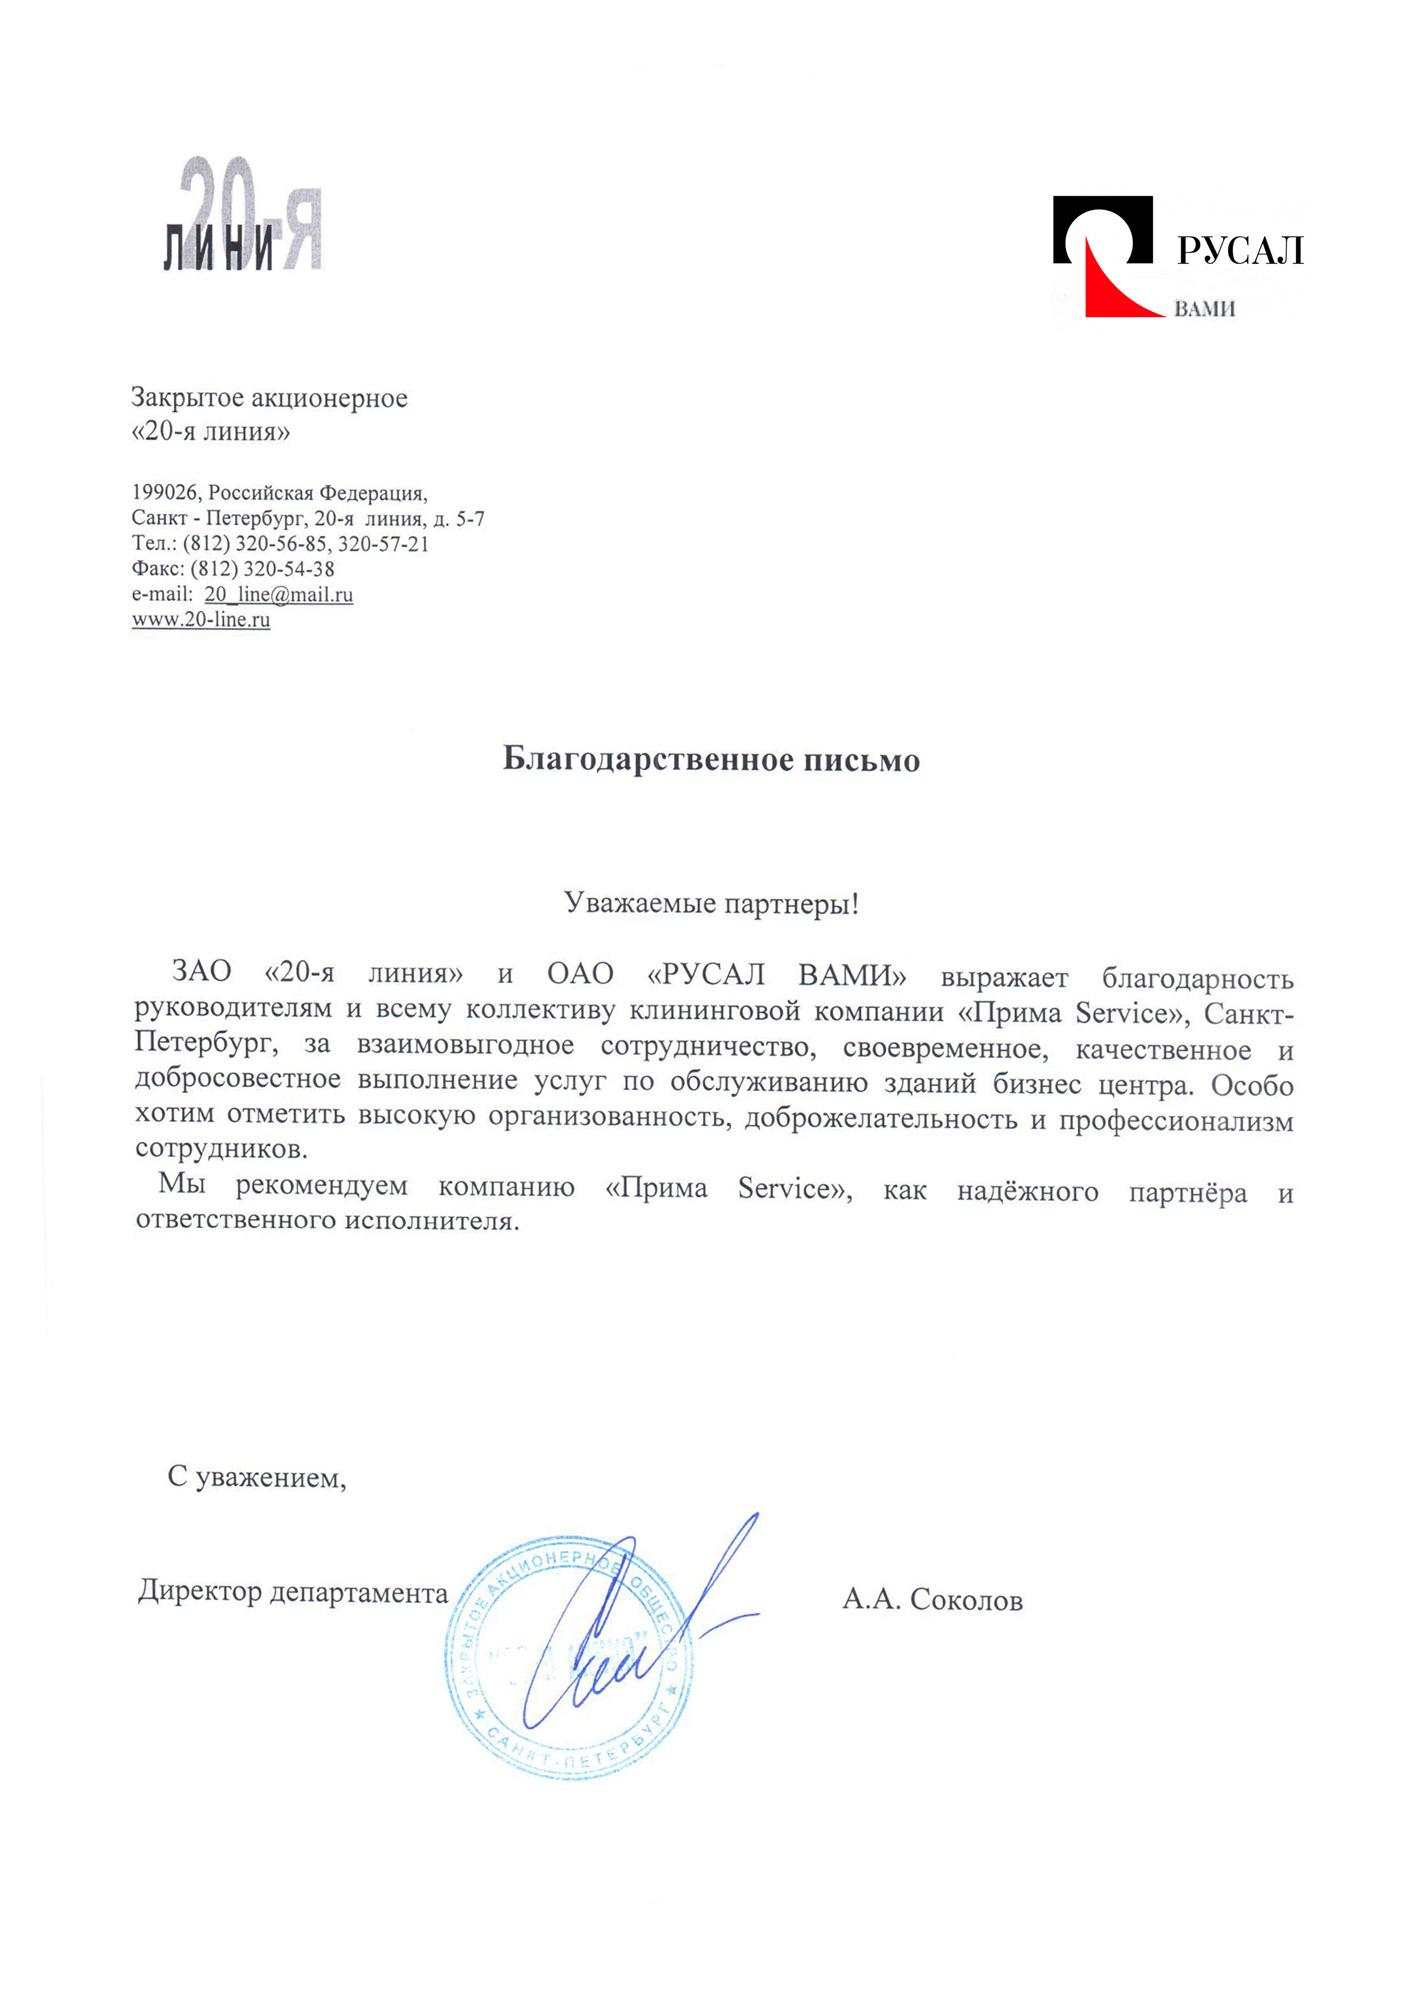 ОАО «РУСАЛ ВАМИ»